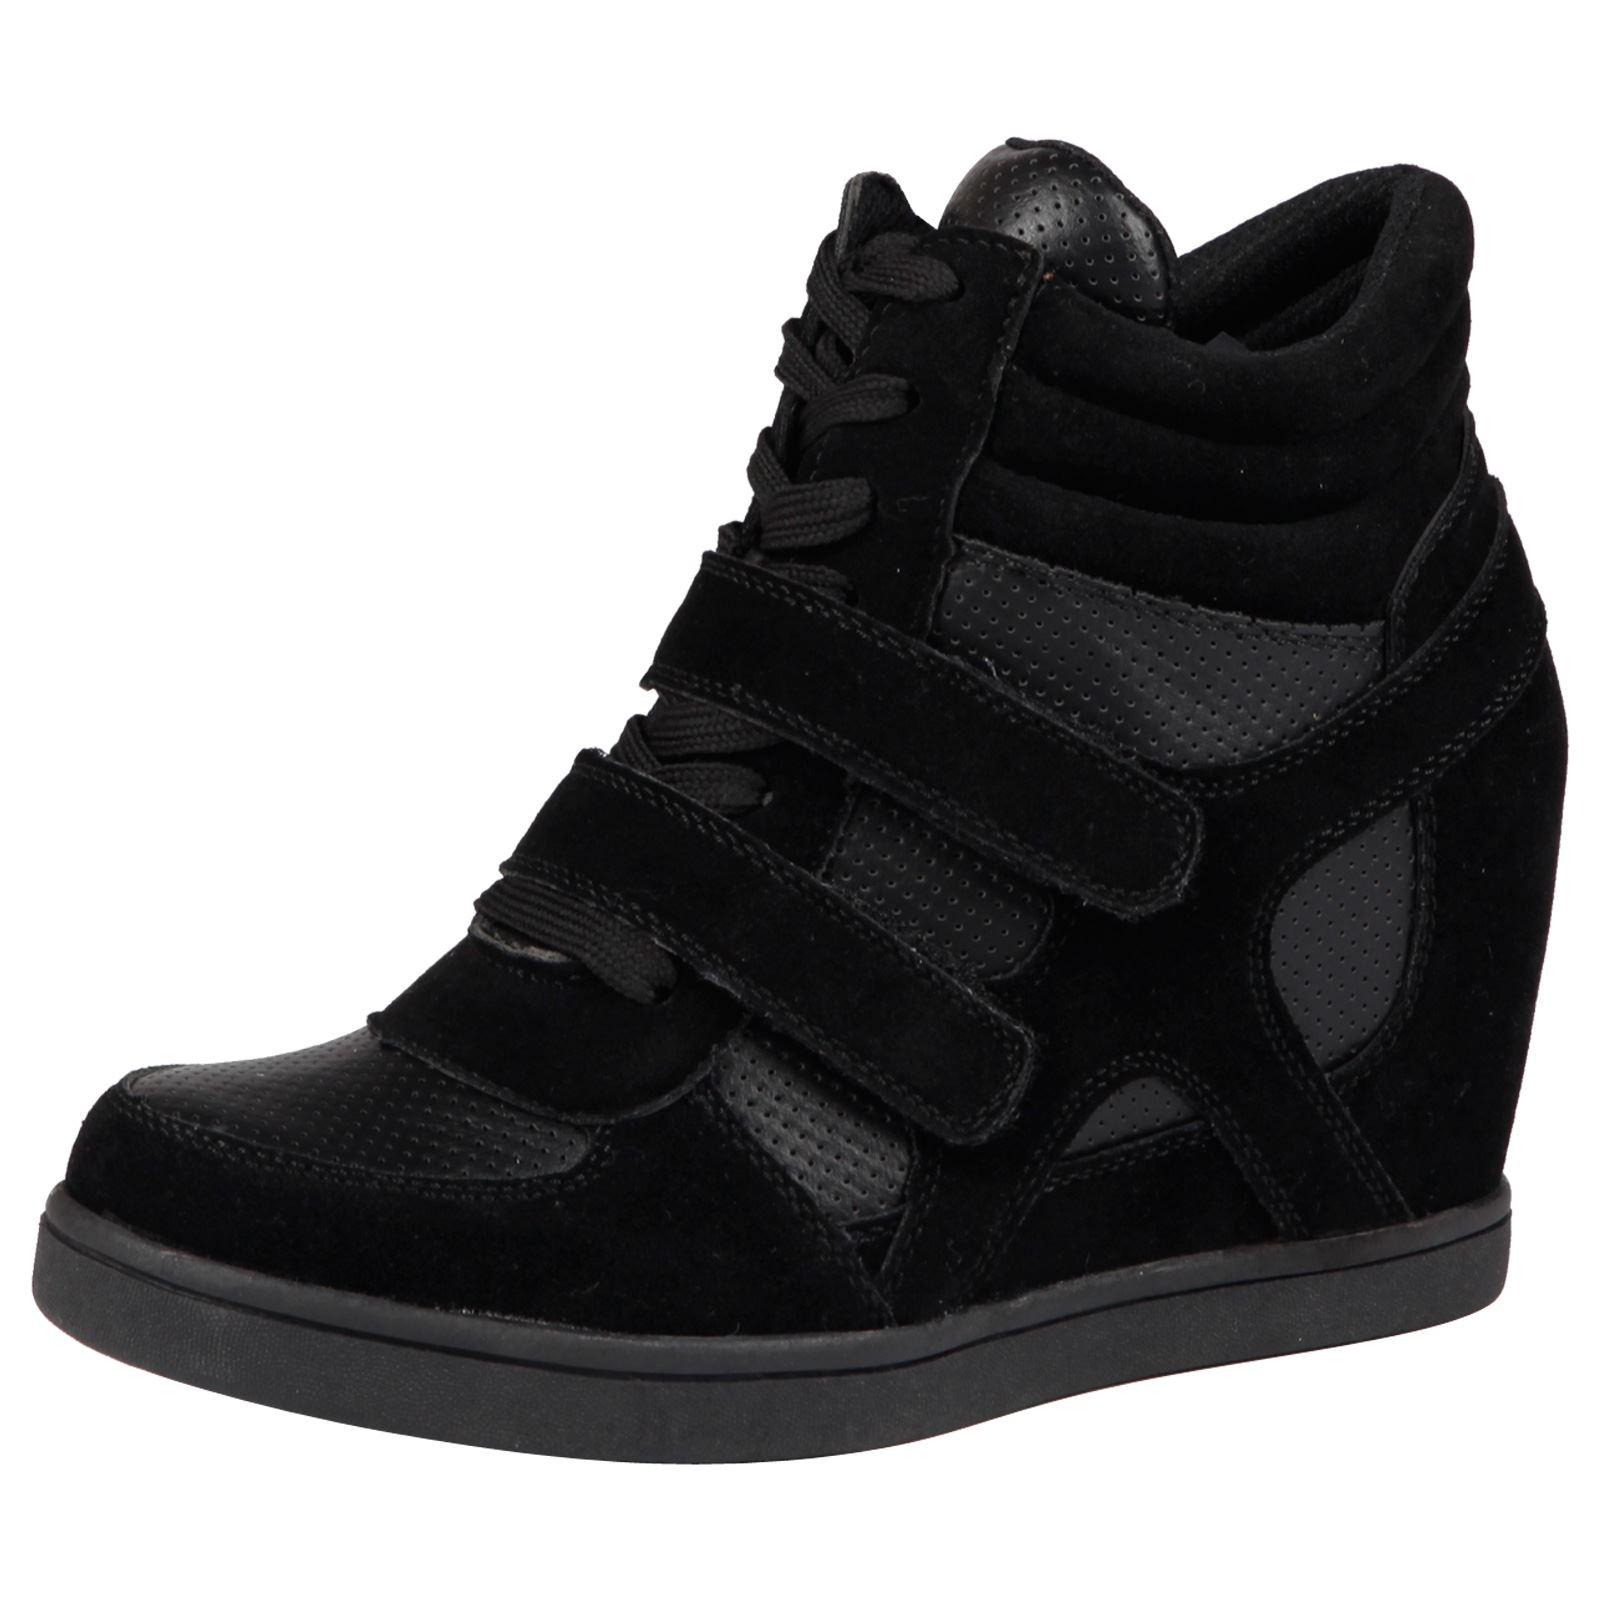 Silver Hidden Wedge Trainers Boots Hi Tops Sneakers Plimsolls UK 3 4 5 6 7 NEW